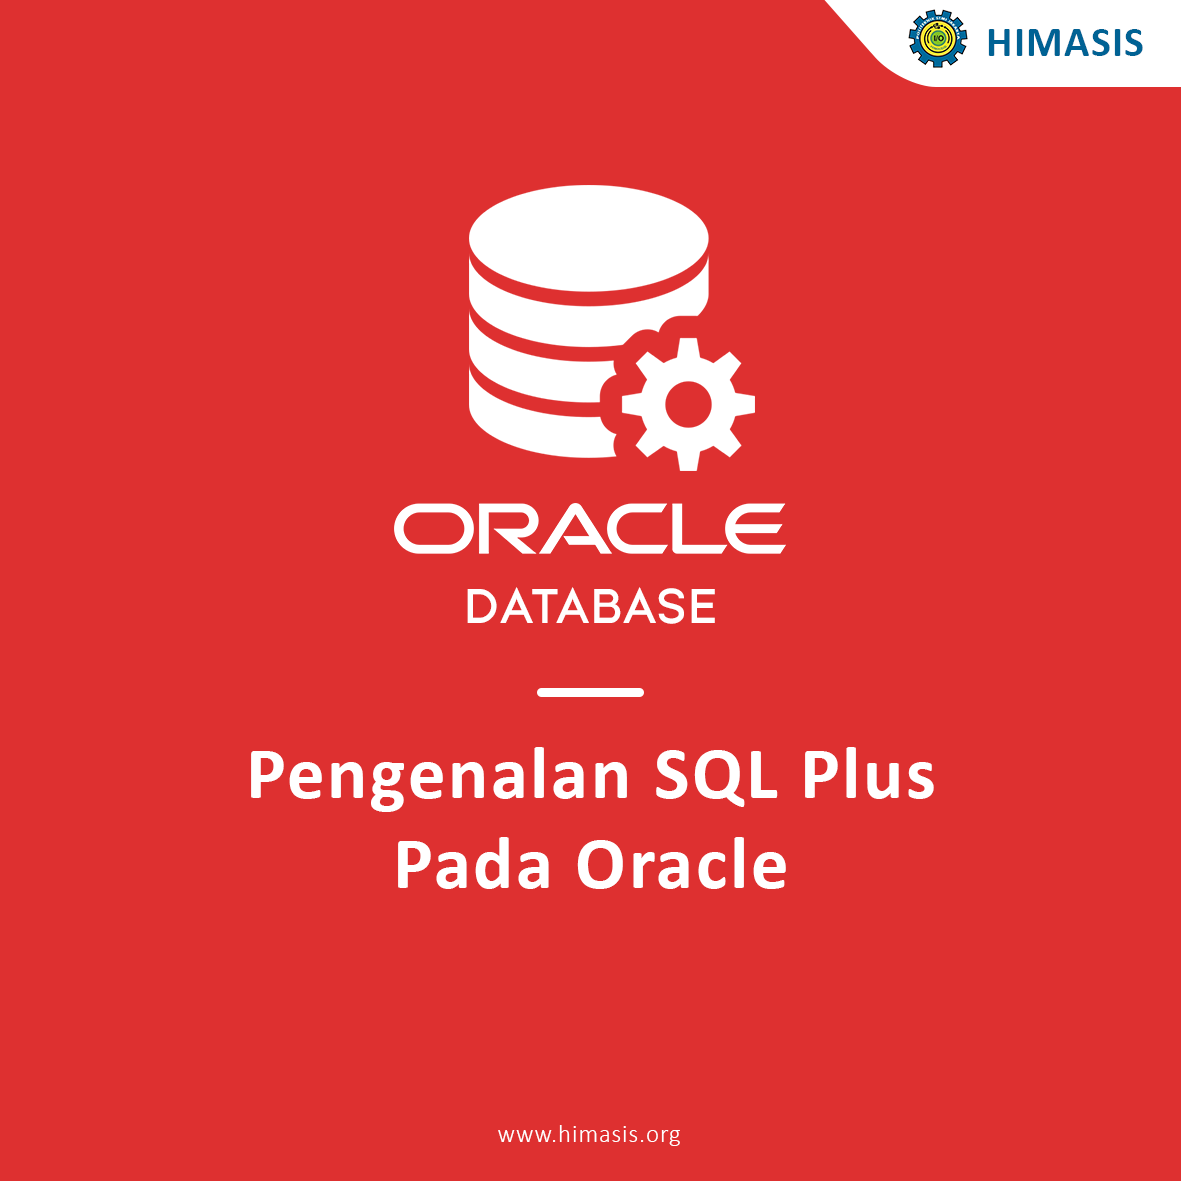 Pengenalan SQL Plus pada Oracle